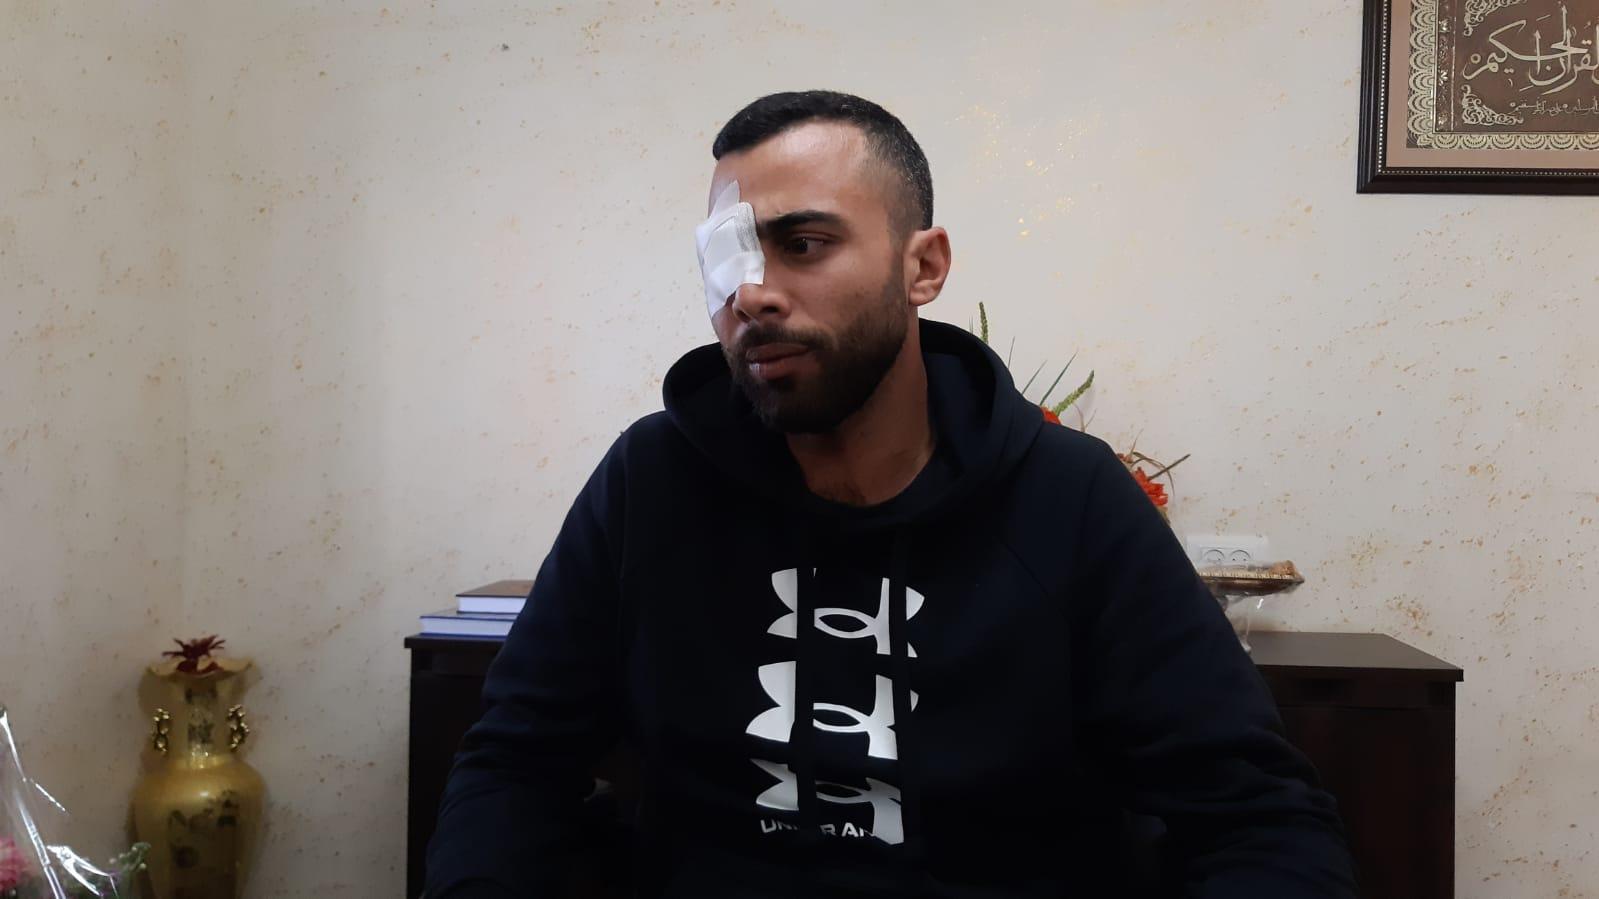 """أحمد ذياب من طمرة: """"رصاصة الشرطة فقأت عيني وقتلت حلمي"""""""